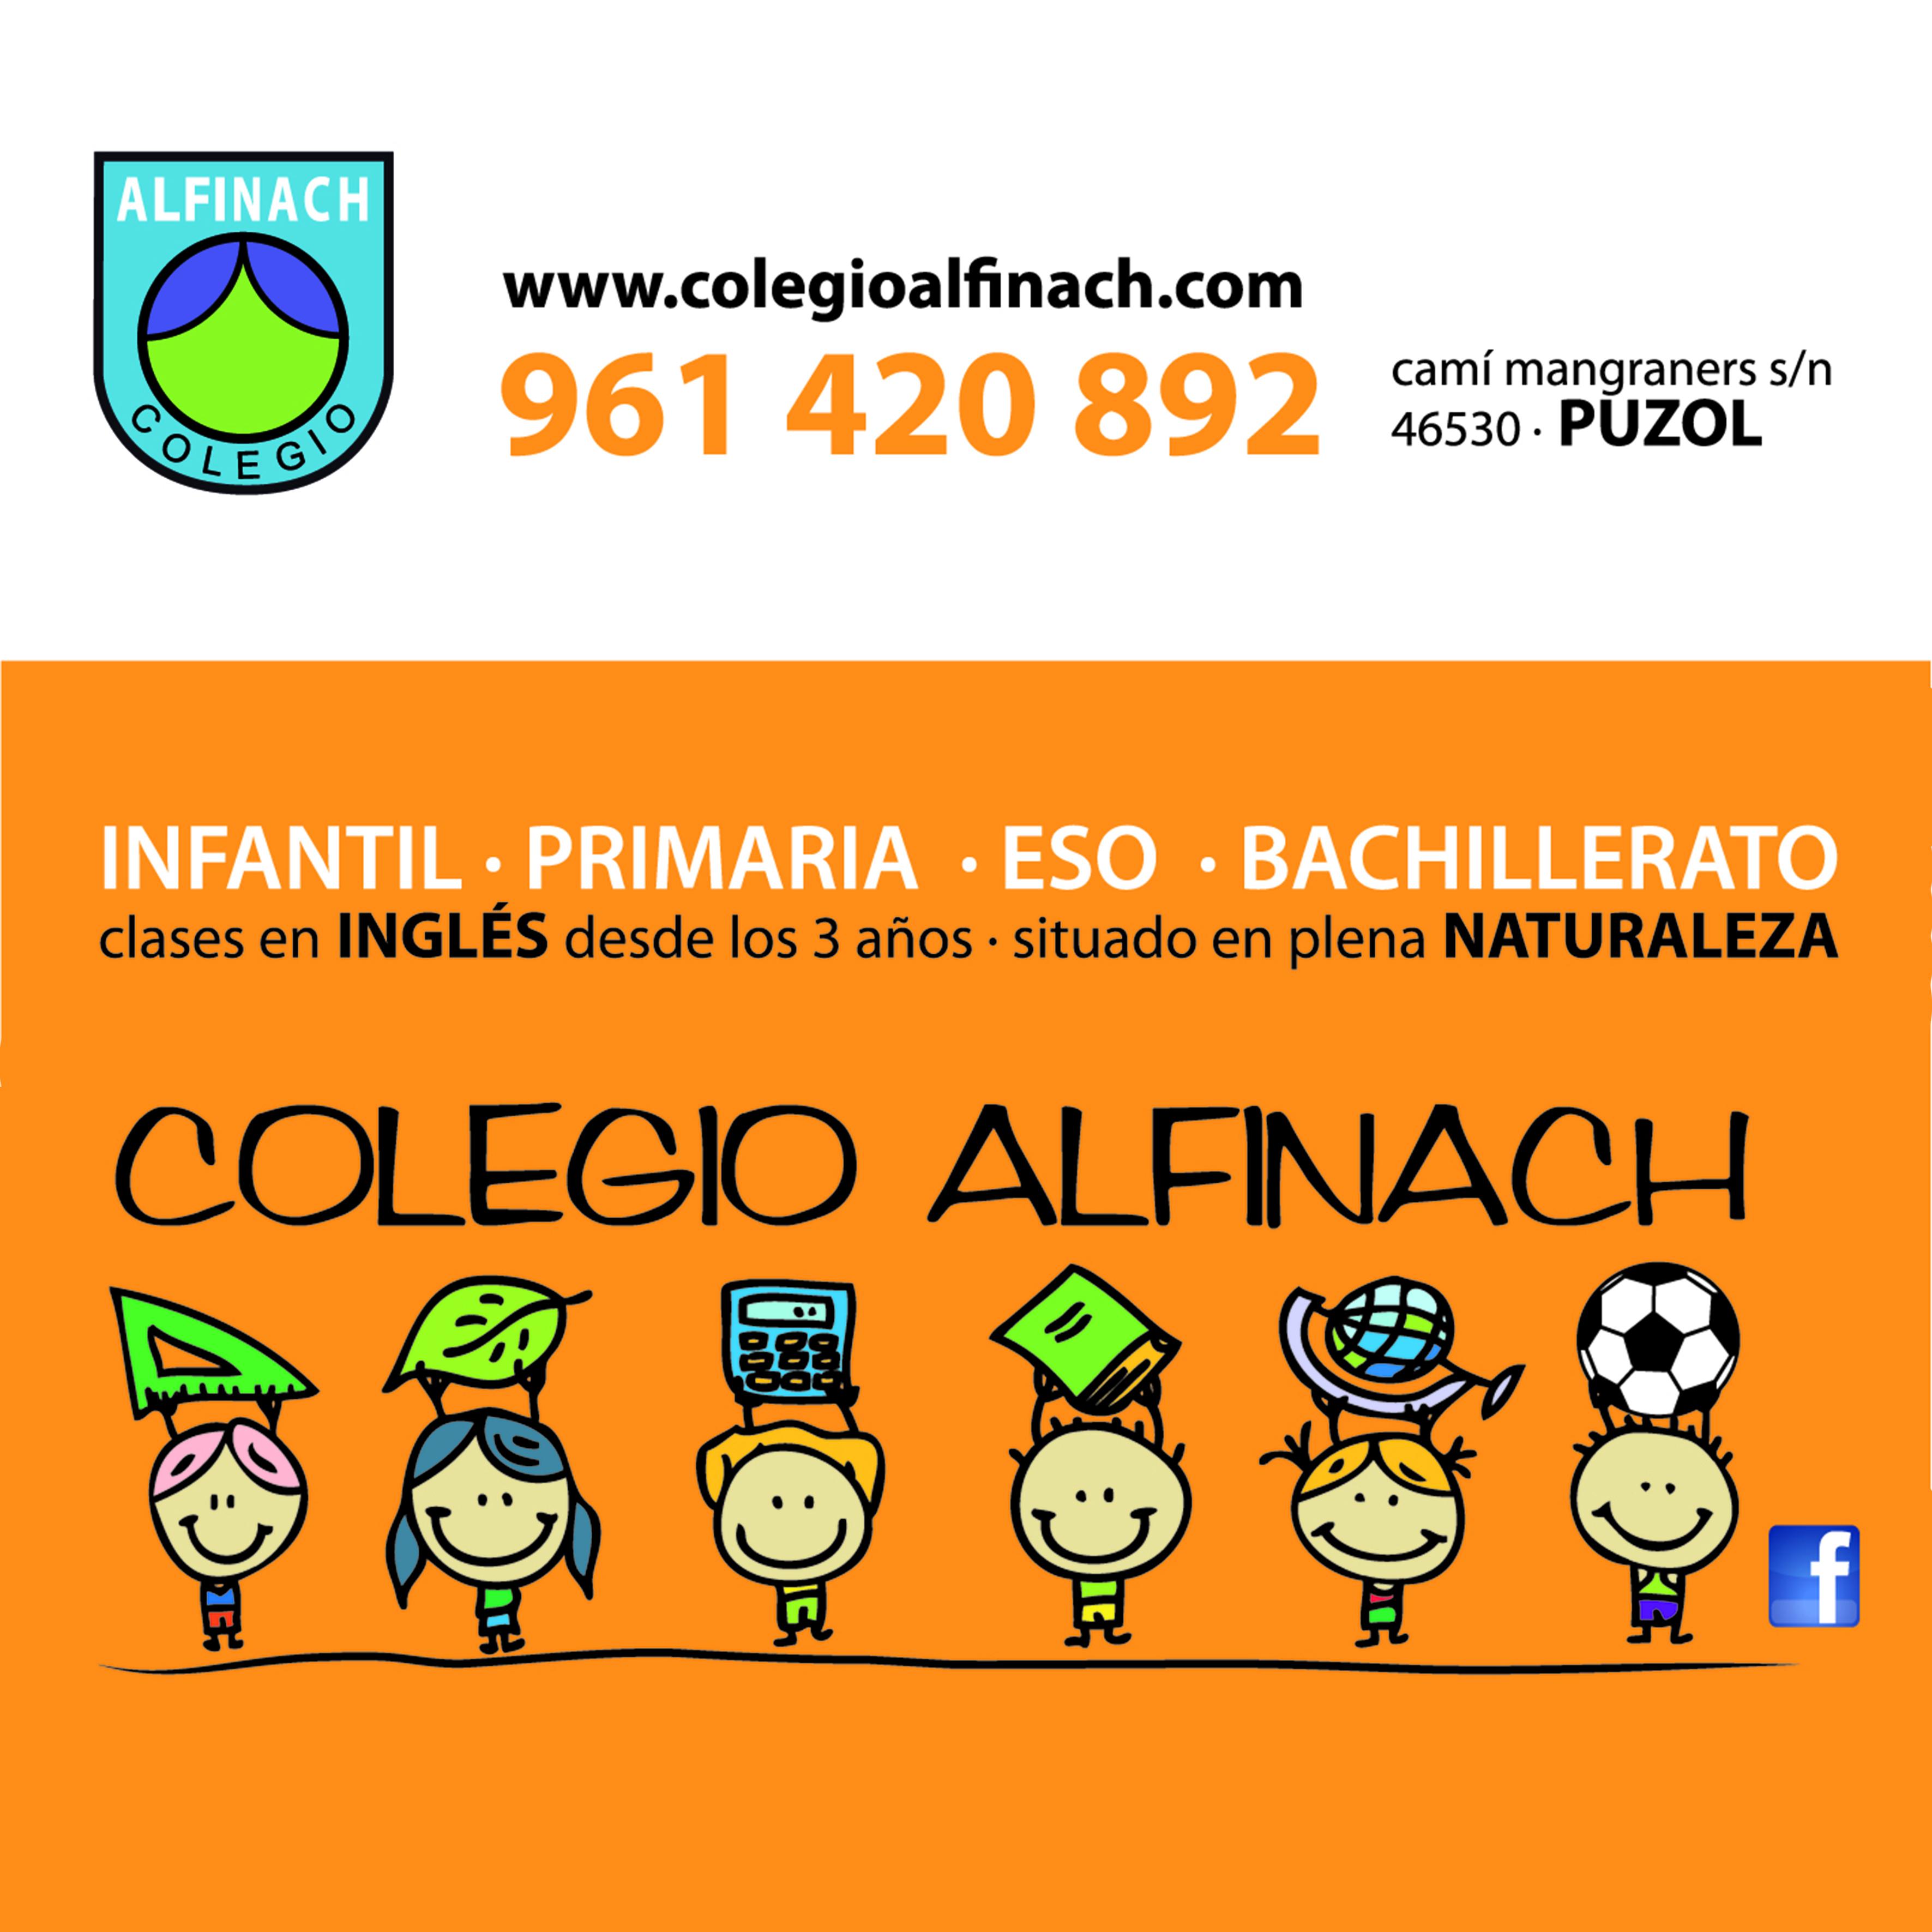 Colegio Alfinach